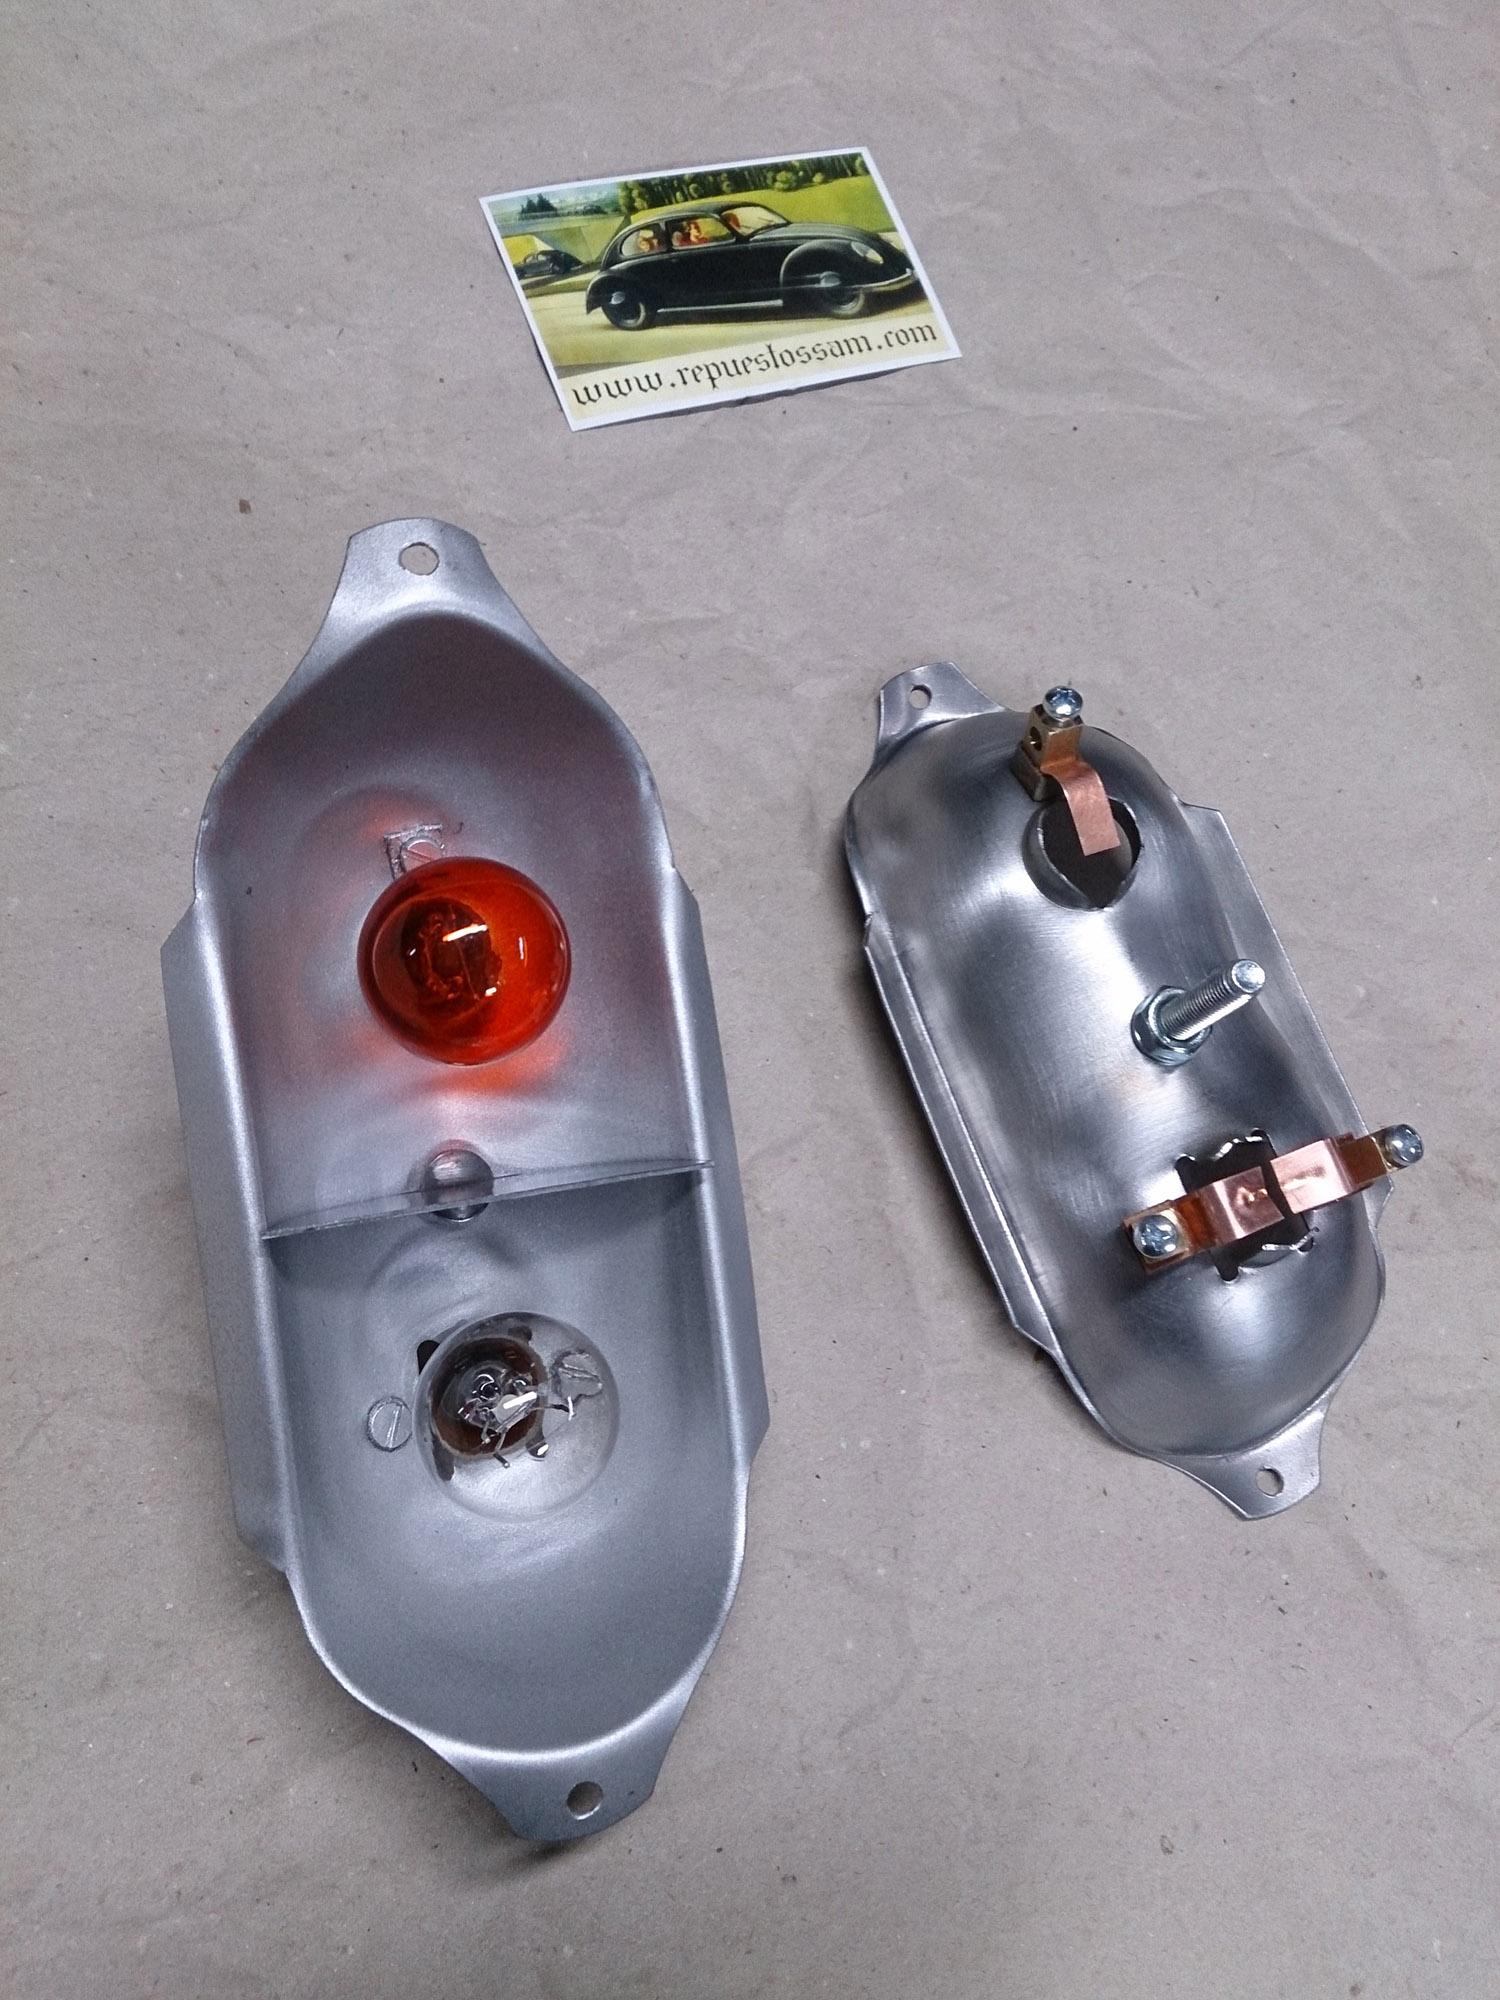 Reproduction des porte ampoules feux arrière lowlight G007-2000-b